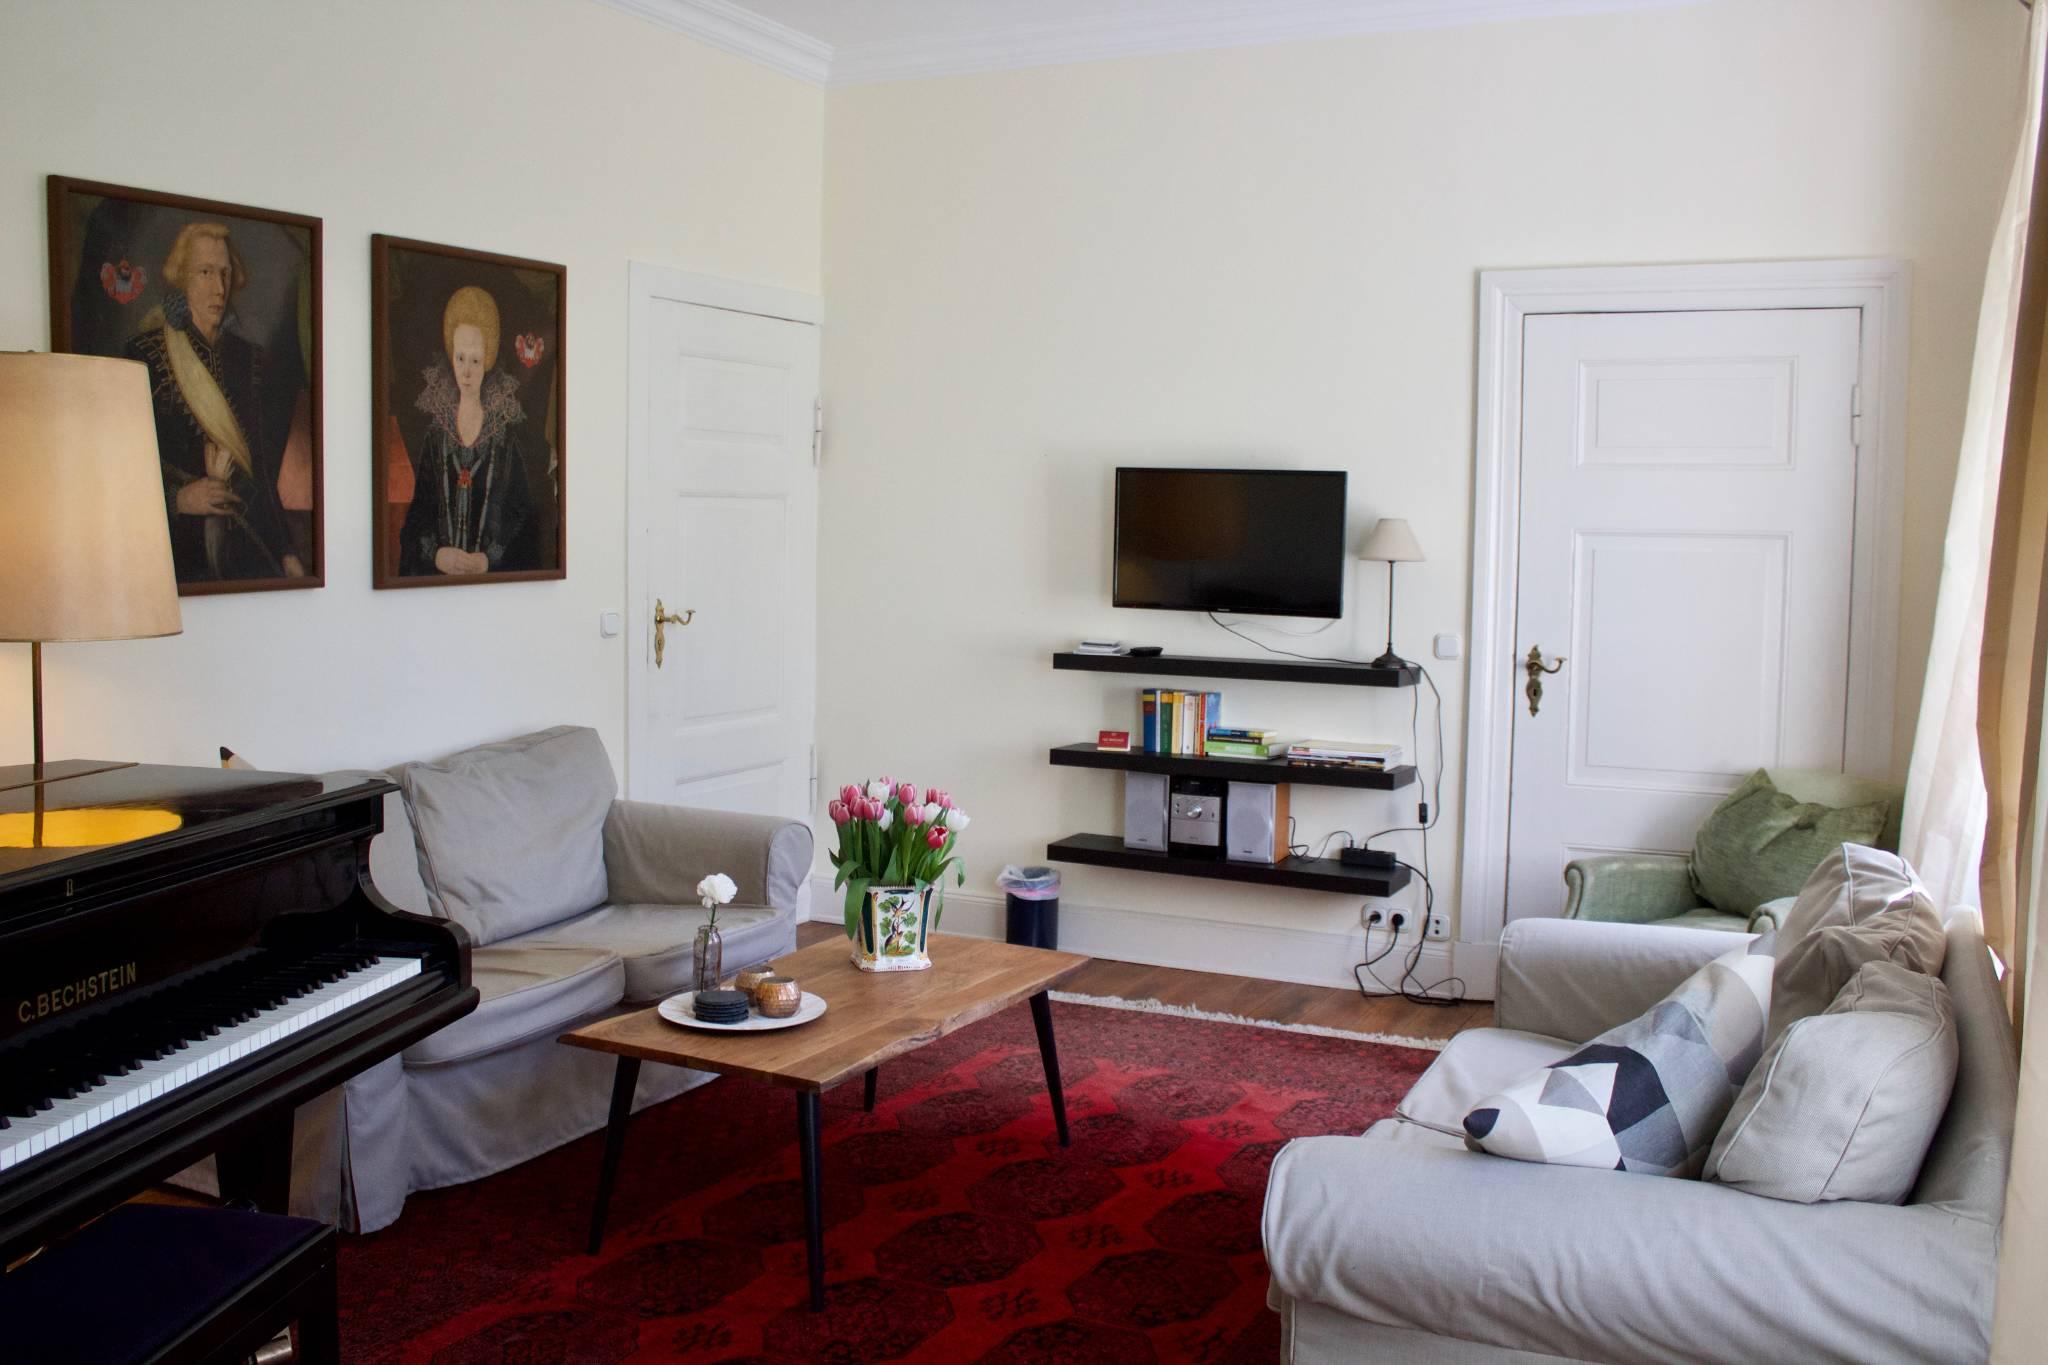 Wohnzimmer mit Bechsteinflügel